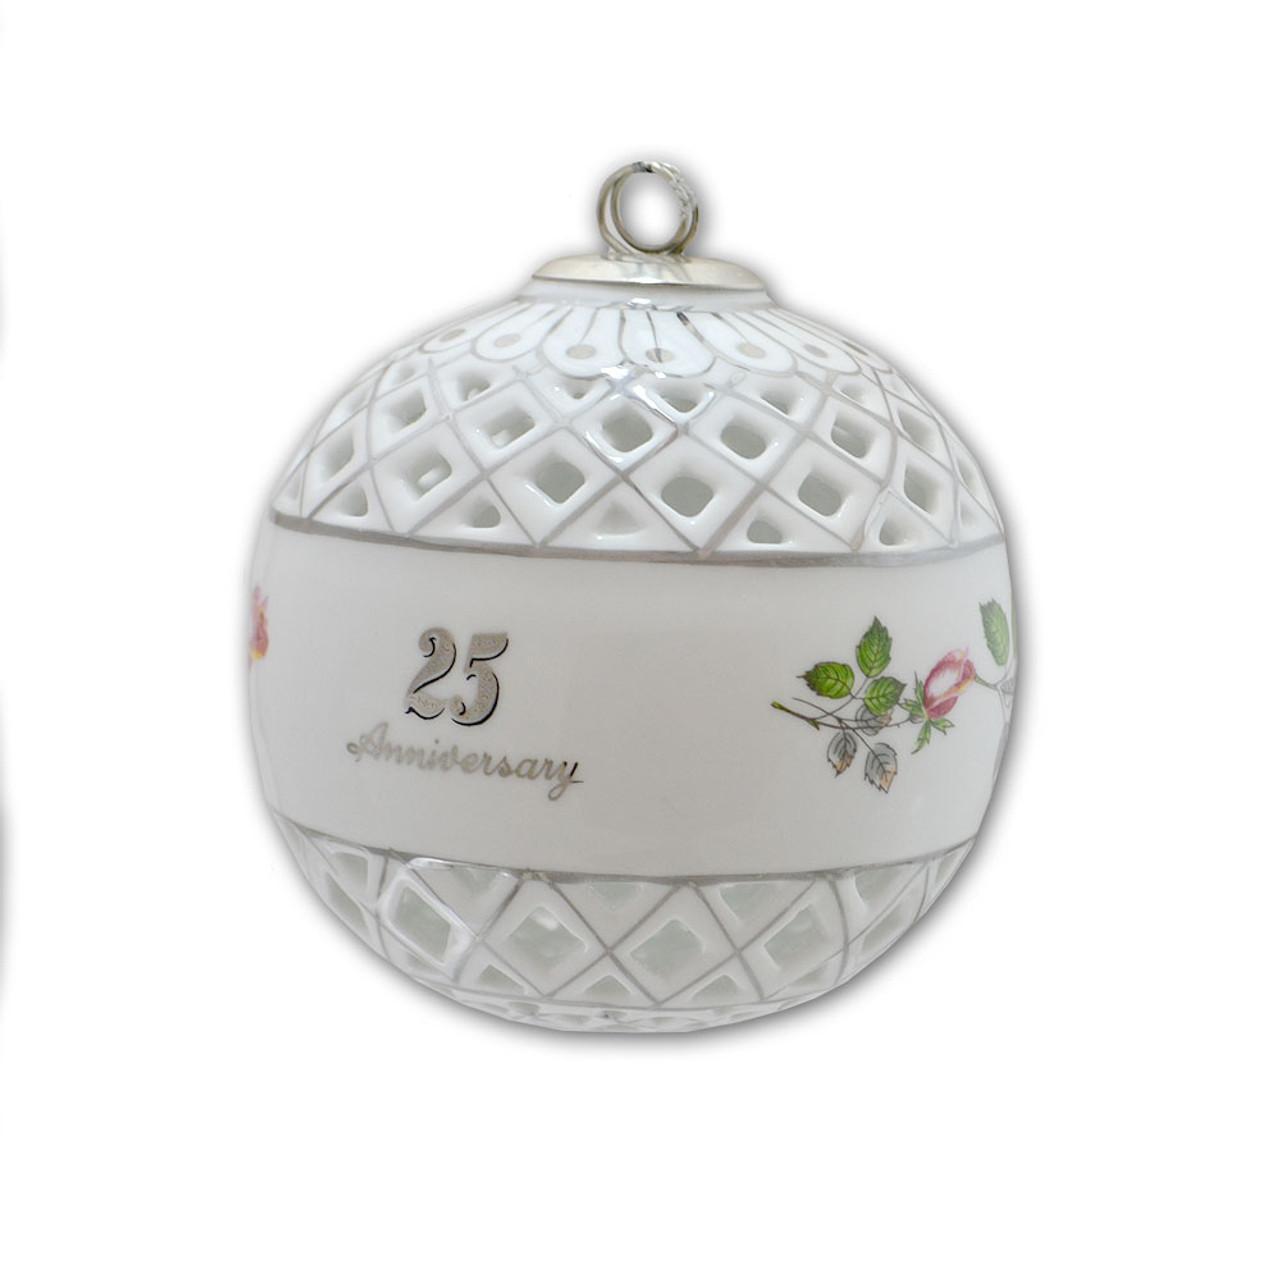 25 Anniversary Keepsake Ornament